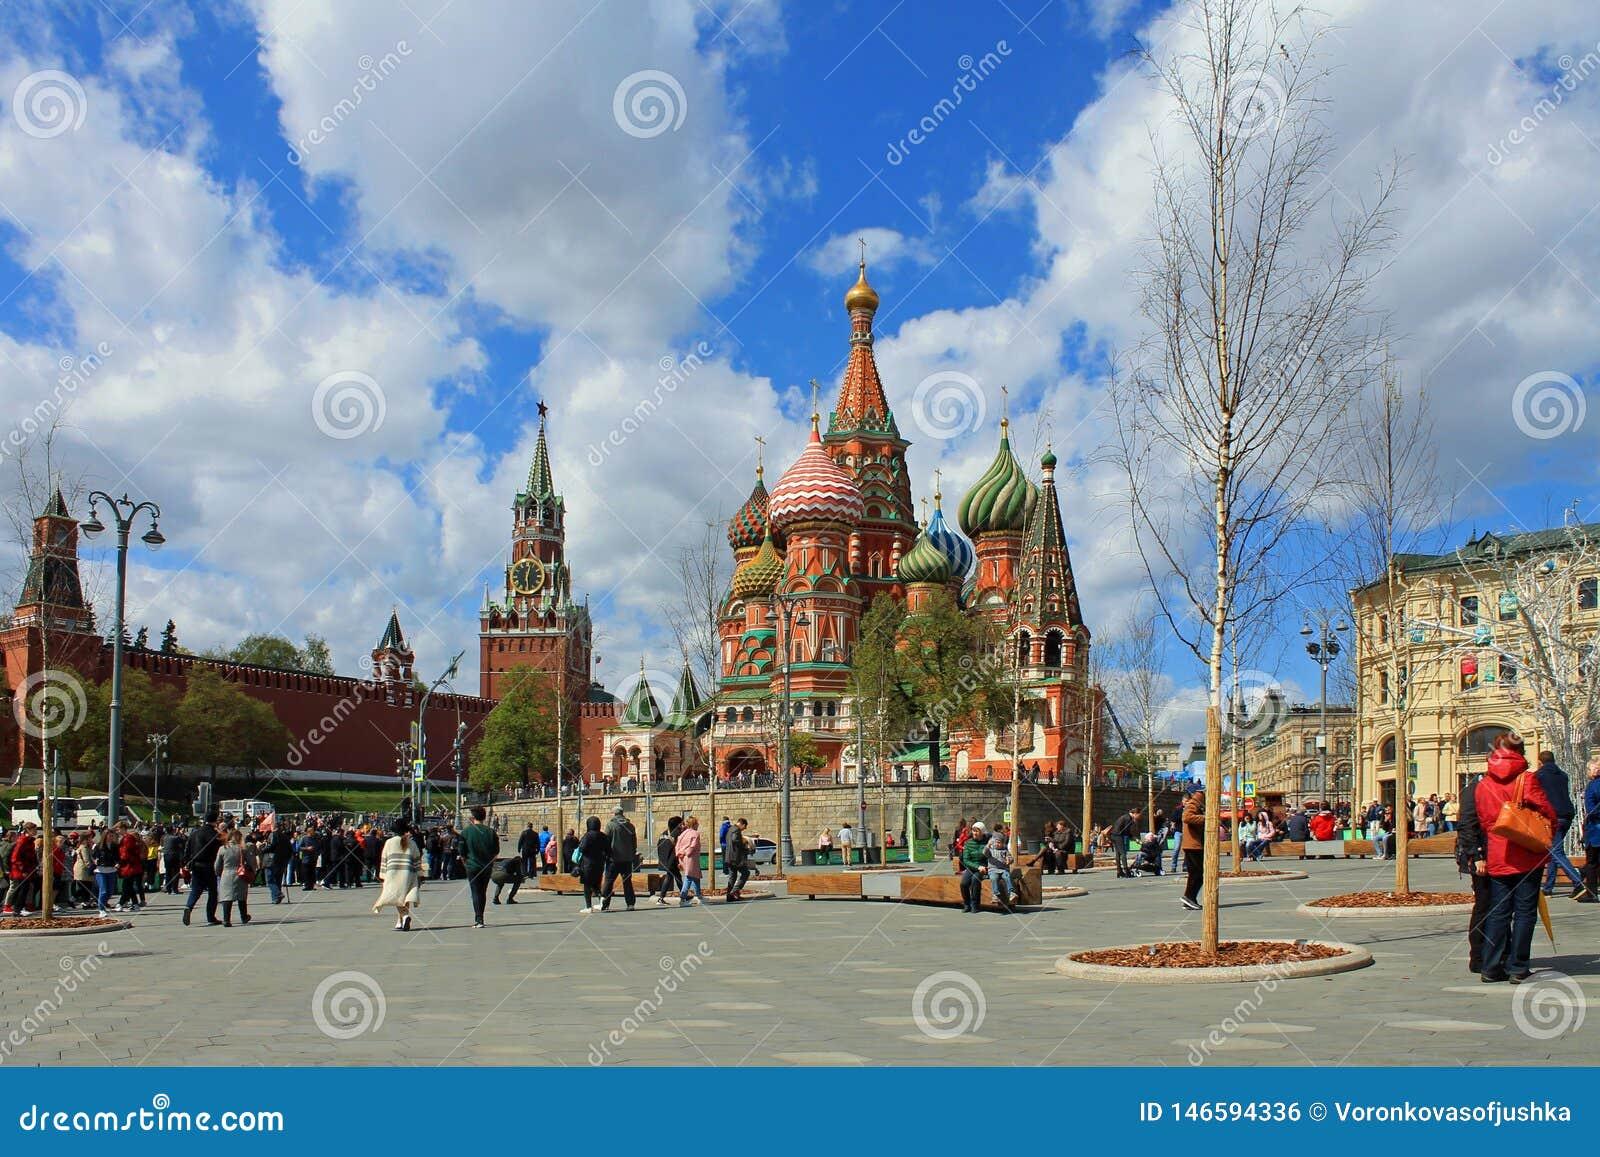 St de Kathedraal van het Basilicum en de toren van het Kremlin Spasskaya op rood vierkant in Moskou Rusland